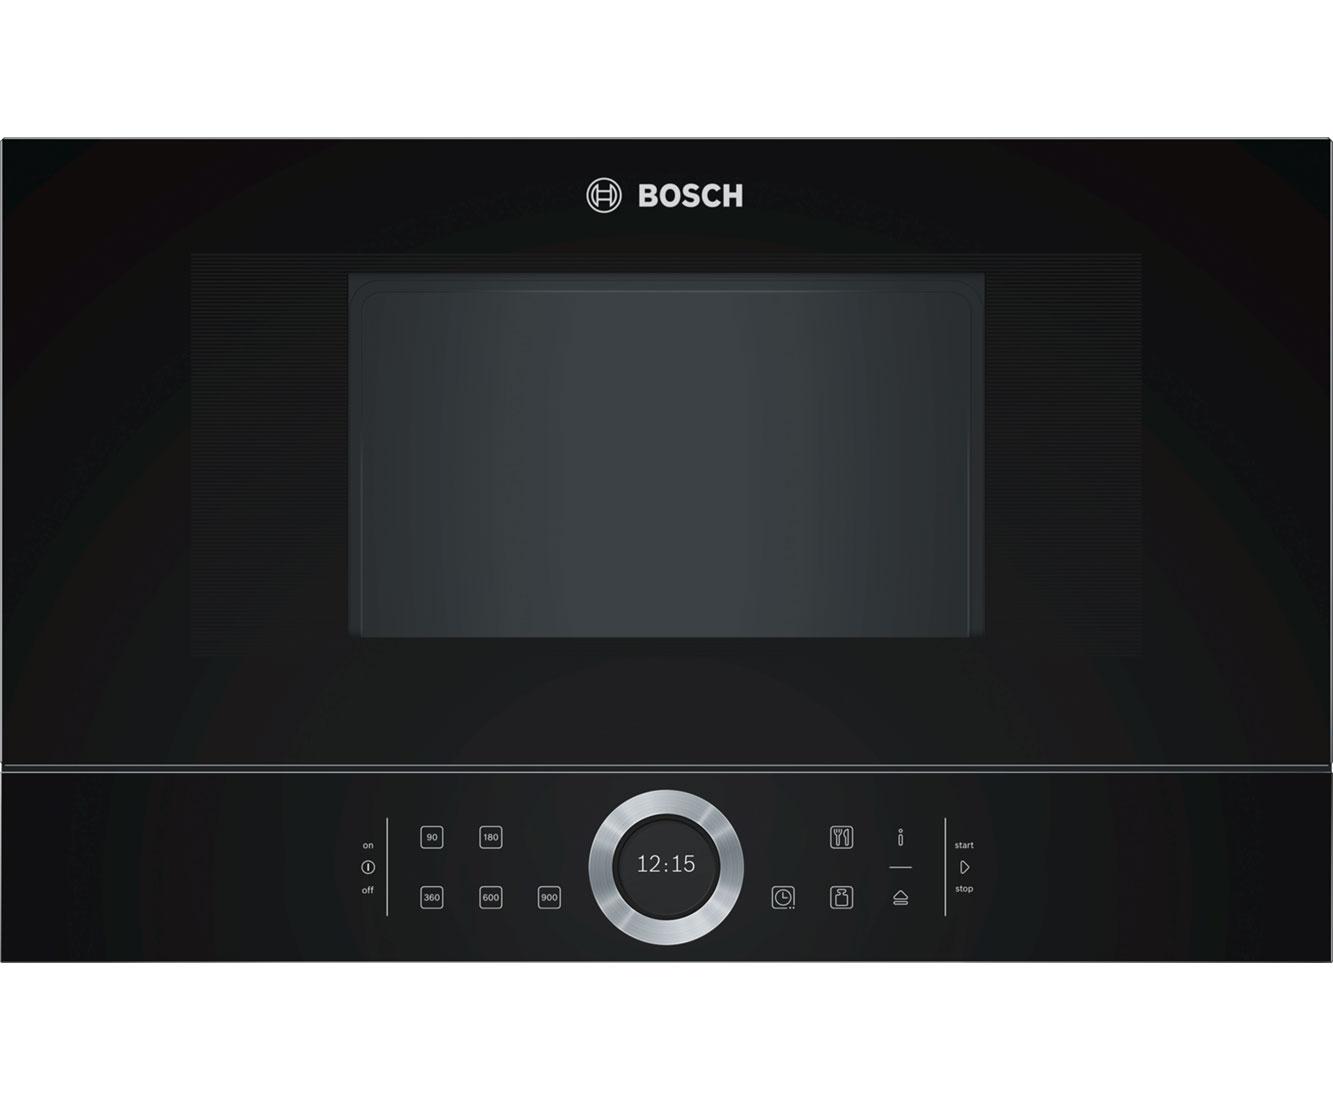 Bosch Serie 122 BFL122GB12 Einbau Mikrowelle, AutoPilot 12, 122 Liter   12 Watt    Schwarz